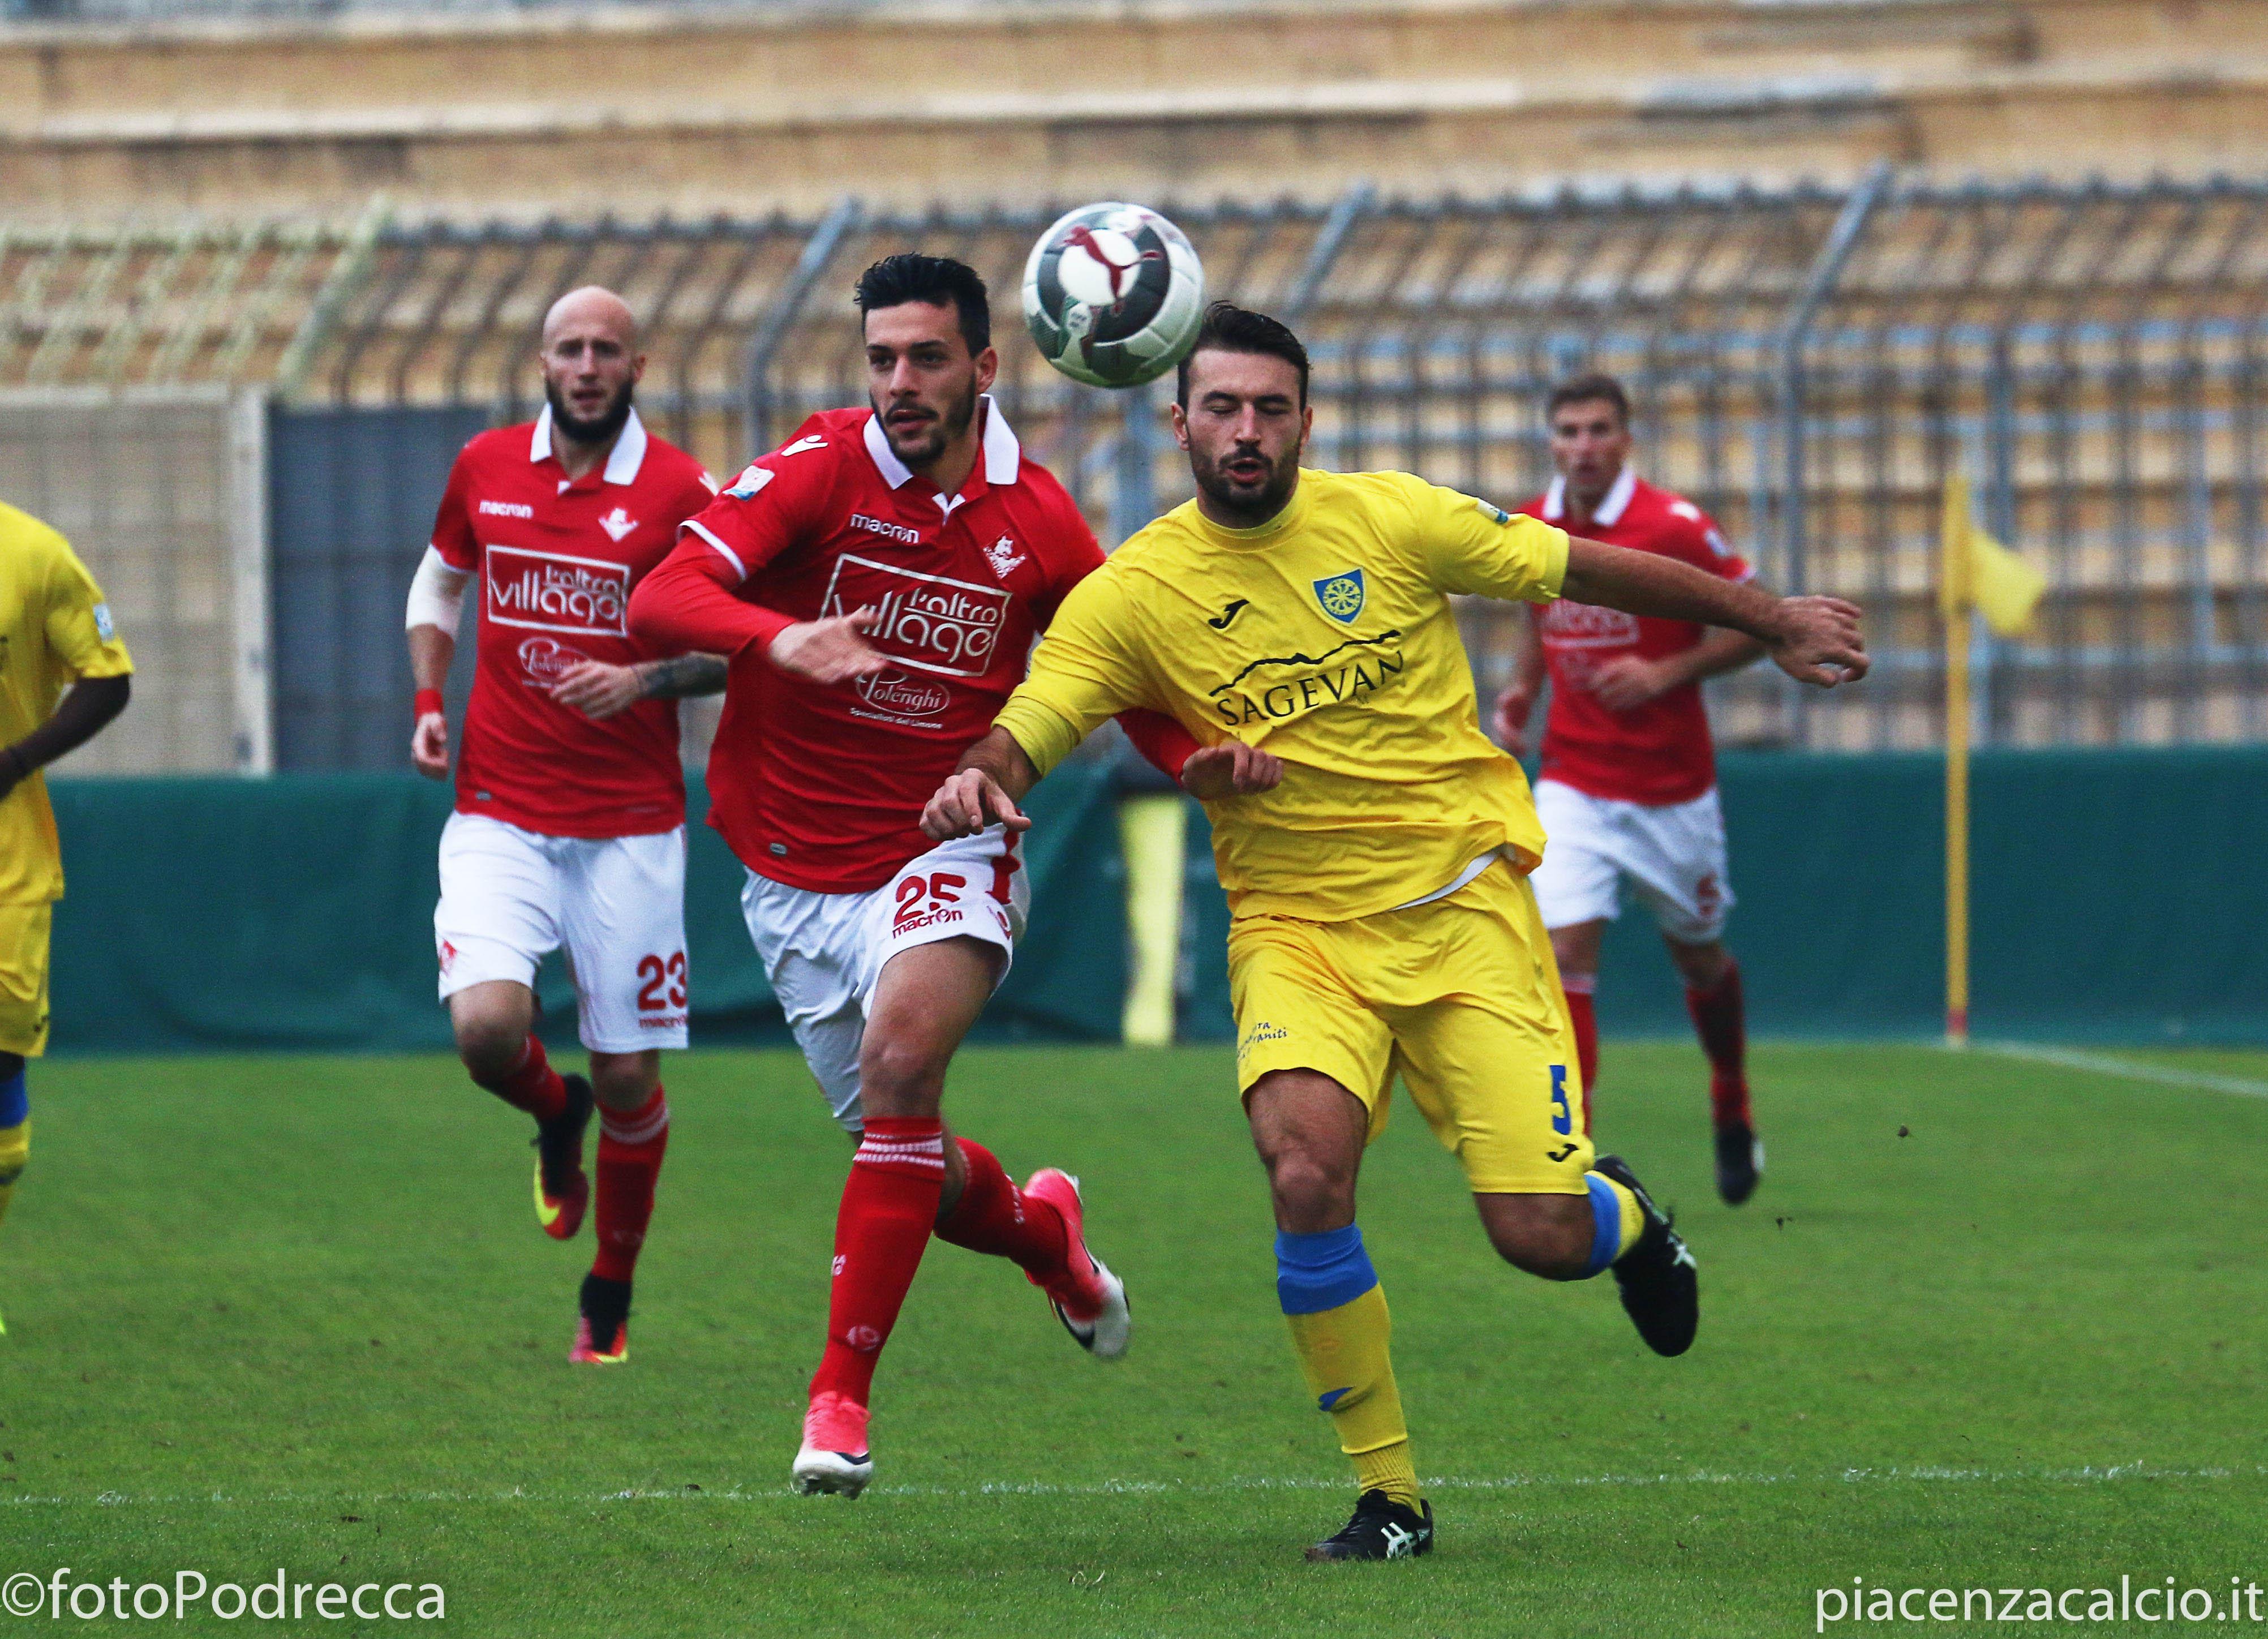 Piacenza - Carrarese